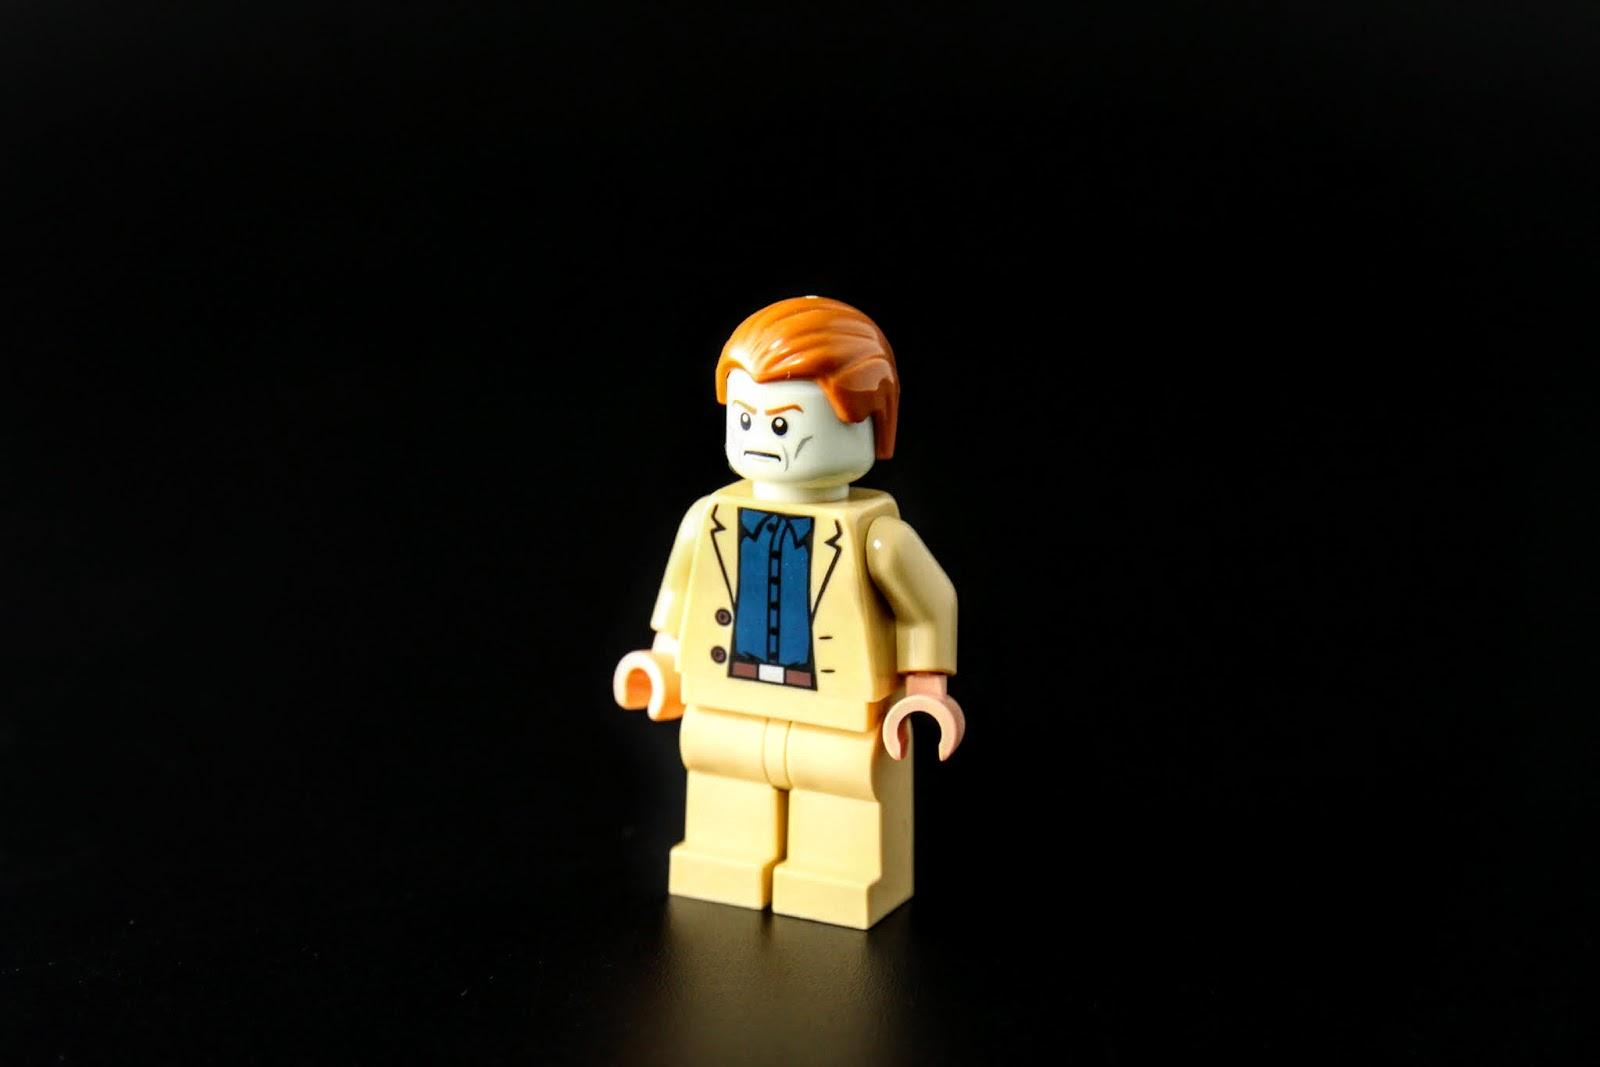 反派齊里安,正常人狀態,只是臉有點蒼白